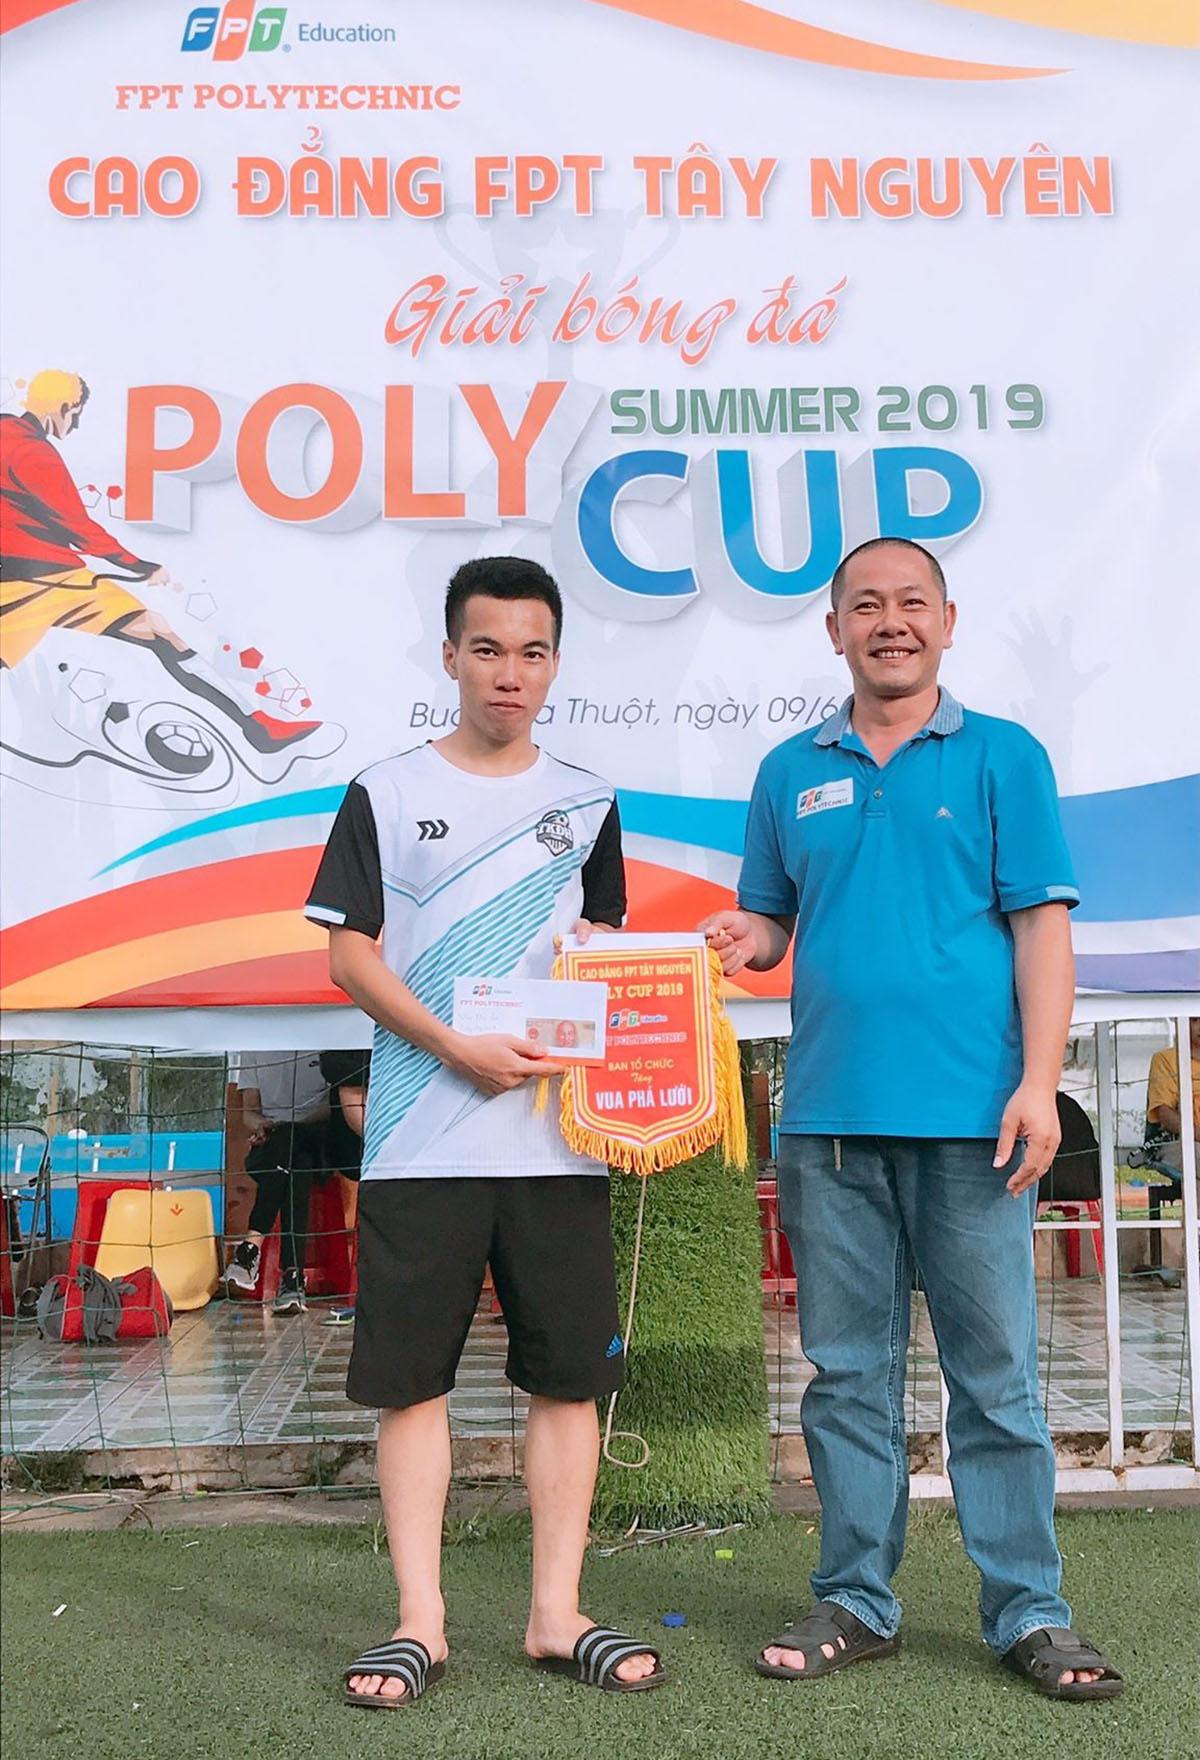 Ghi được 12 bàn thắng, Xuân Tùng trở thành Vua phá lưới'Poly Cup' Tây Nguyên.